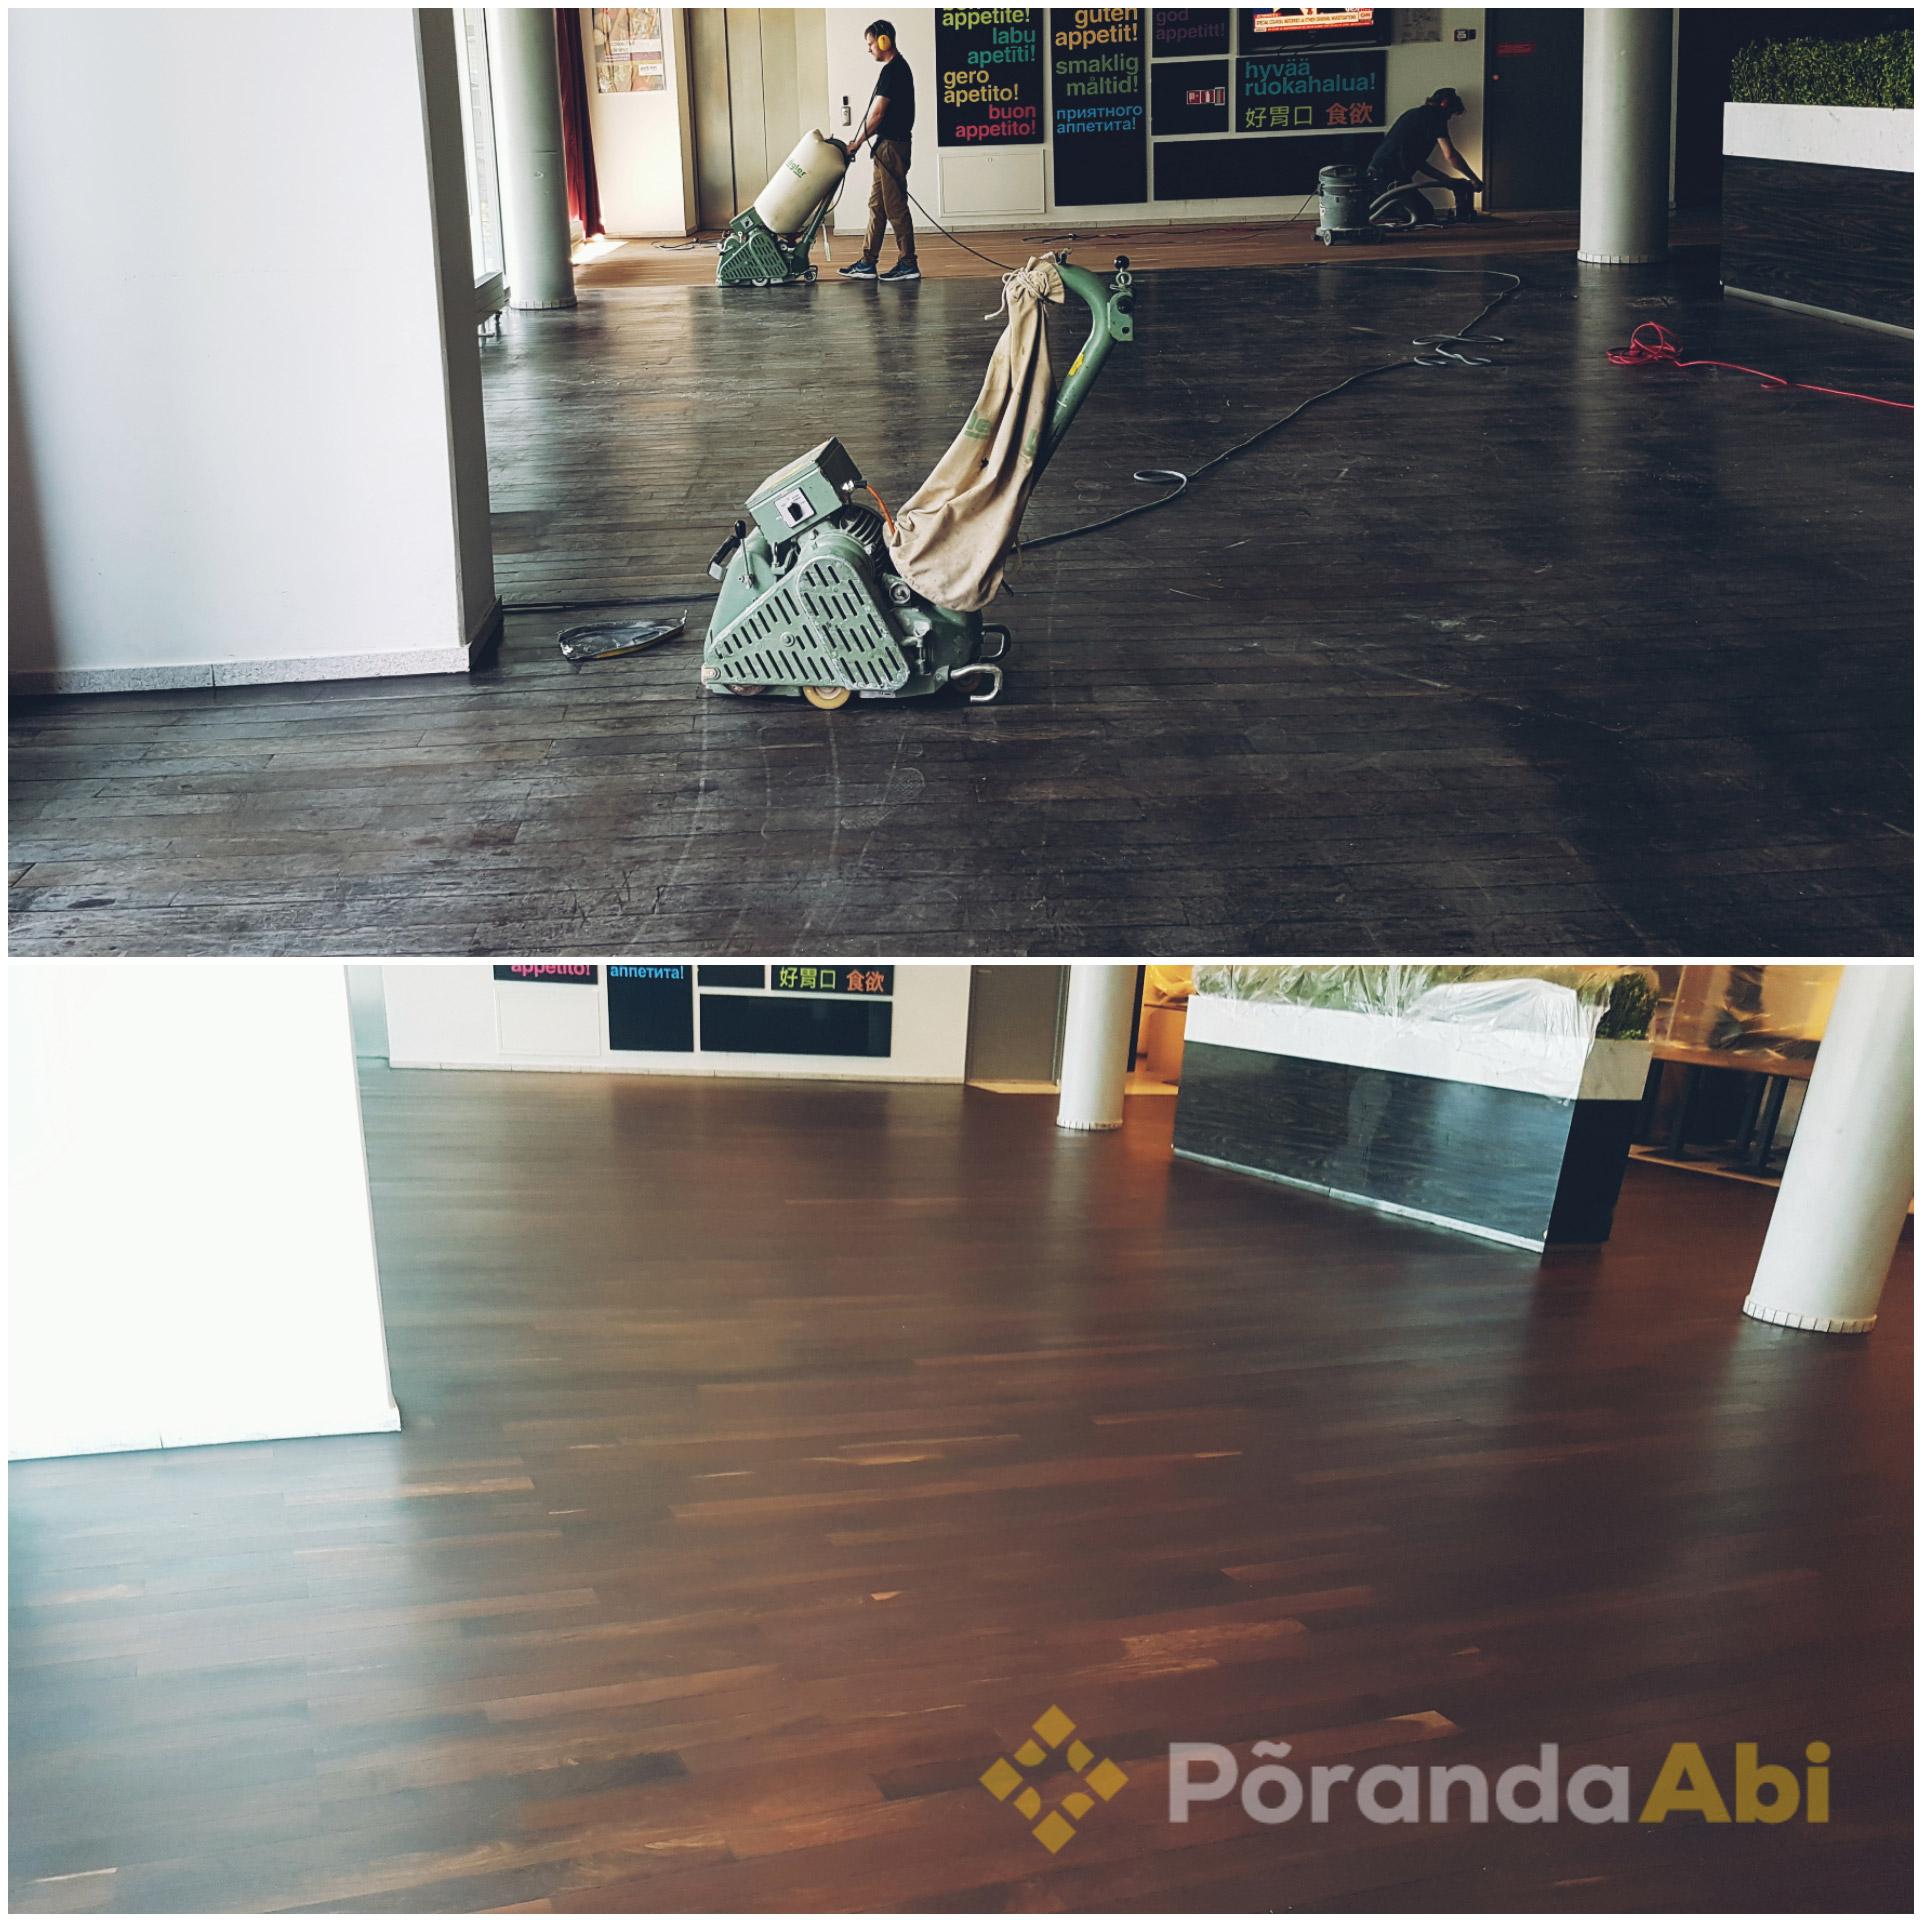 Radisson Blu hotelli põranda lihvimine ja hooldus